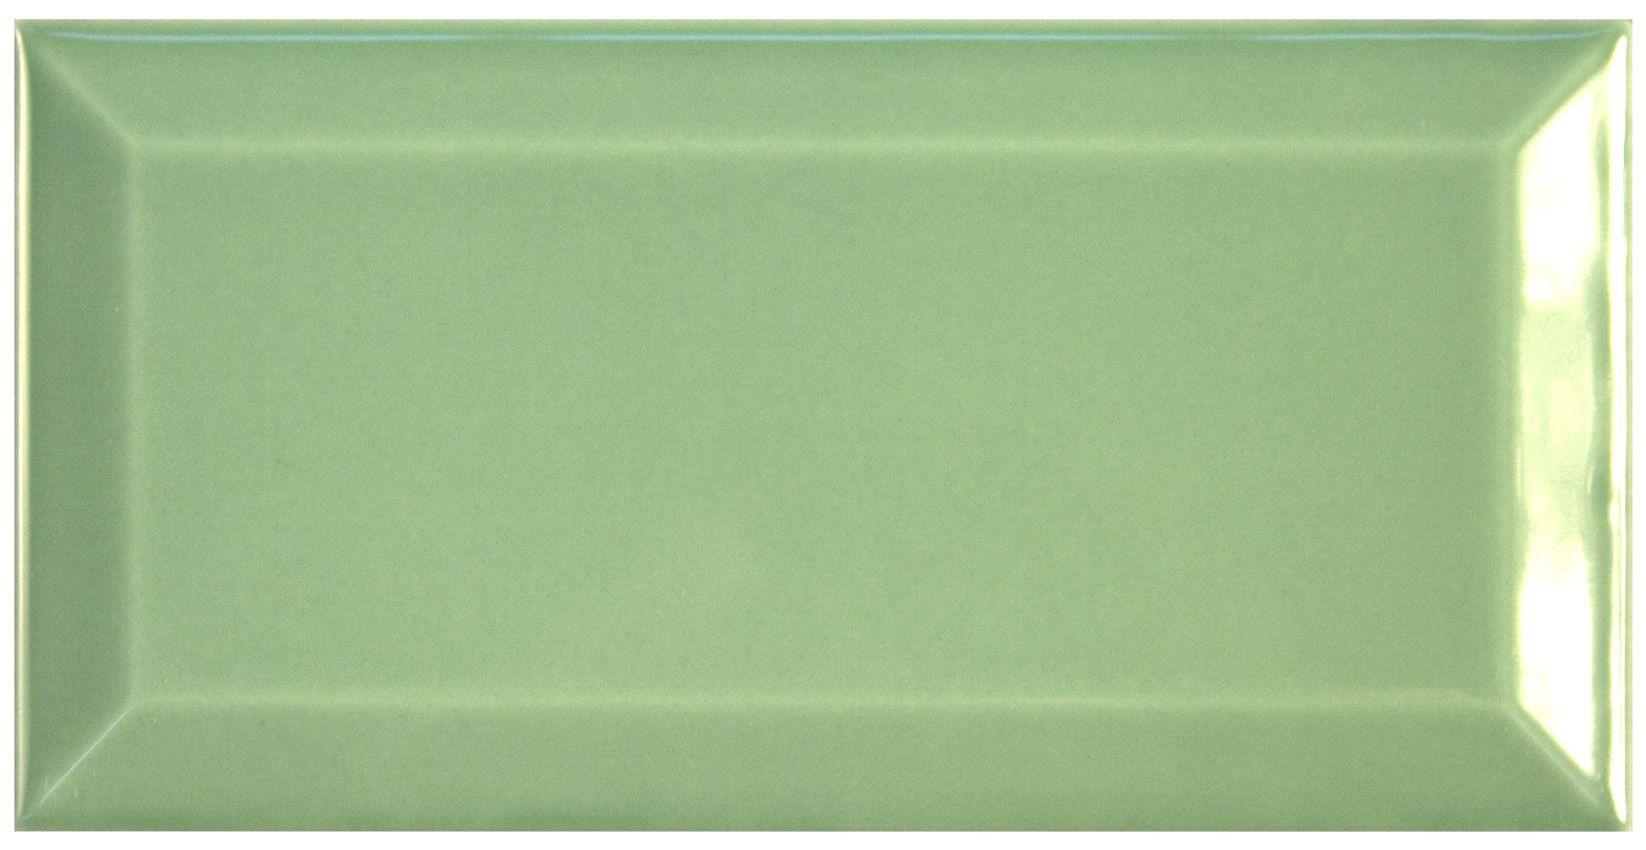 Twenga Salle De Bain ~ carrelage mural brillant vert 7 5×15 cm co0302007 vert tendre